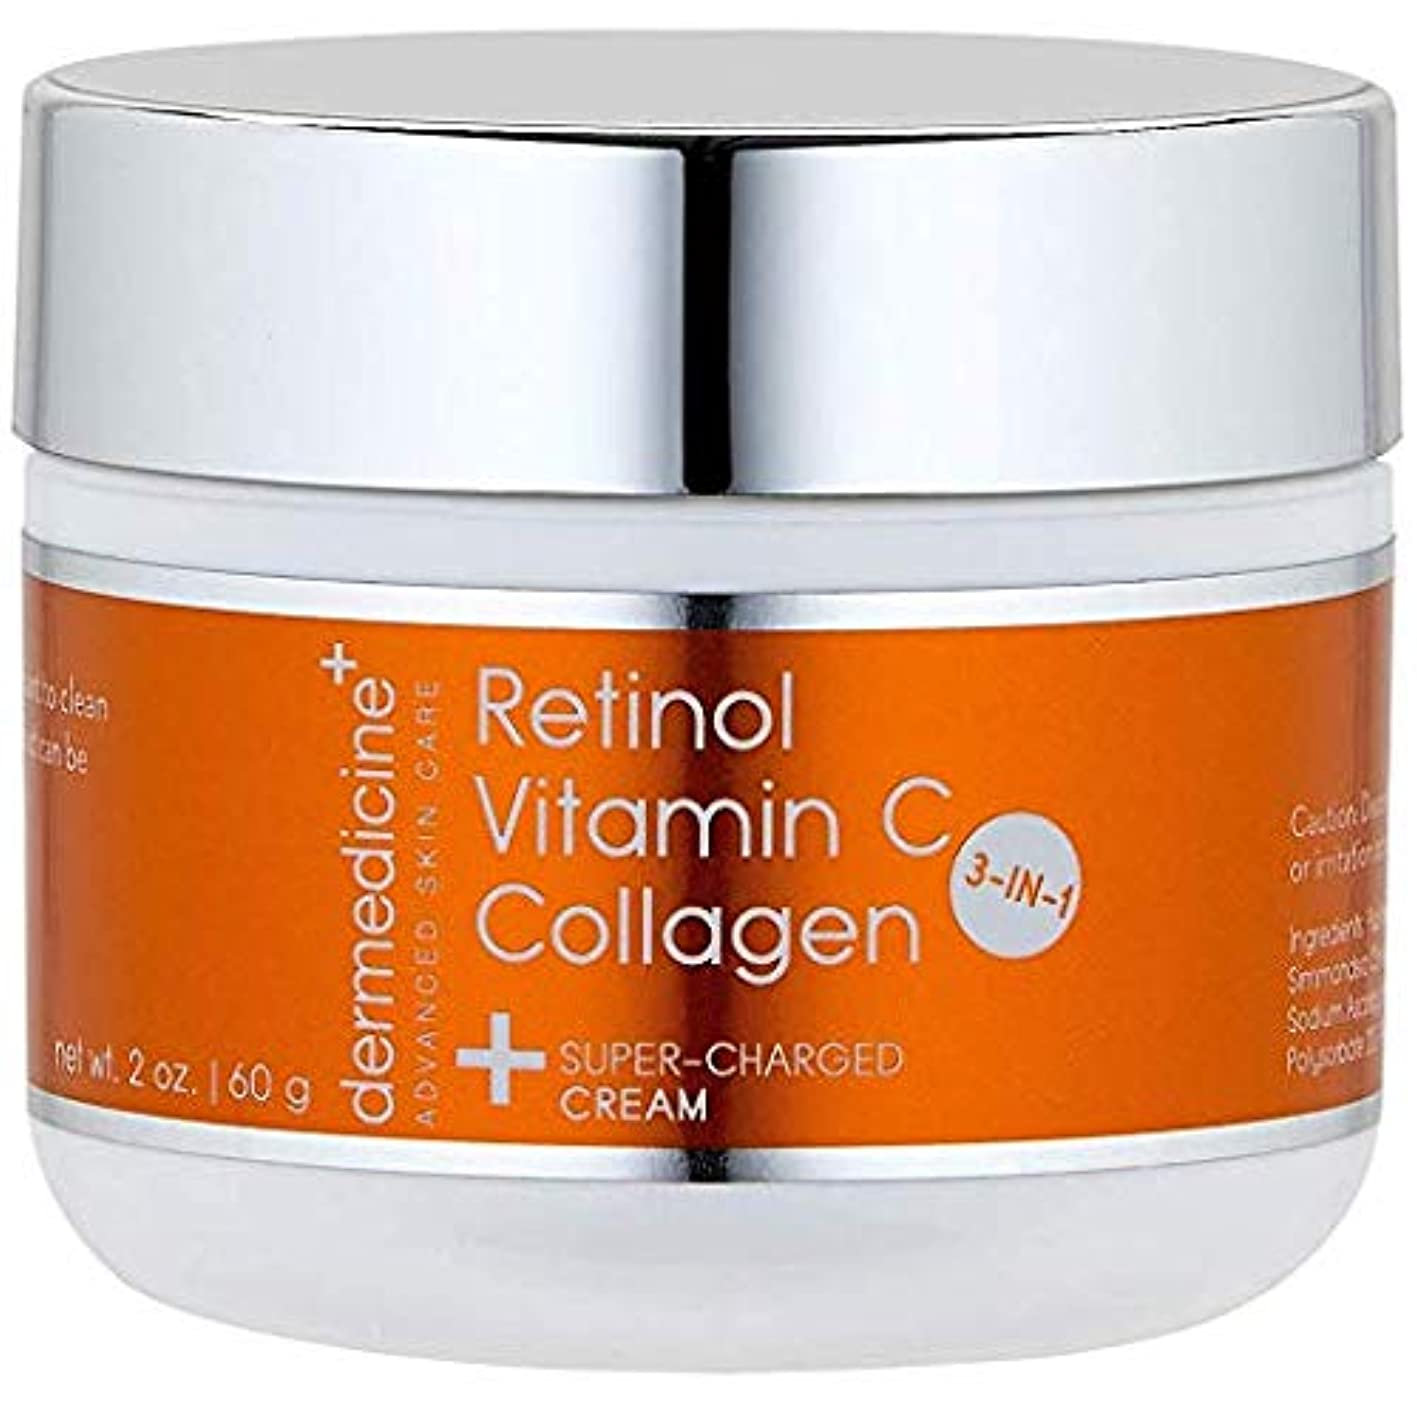 カレッジ物理的にリッチプレミアム エイジングケアクリーム【3IN1】 コラーゲン+レチノール+ビタミンC配合 60g シミ&シワ対策、若々しい弾力のある肌へ